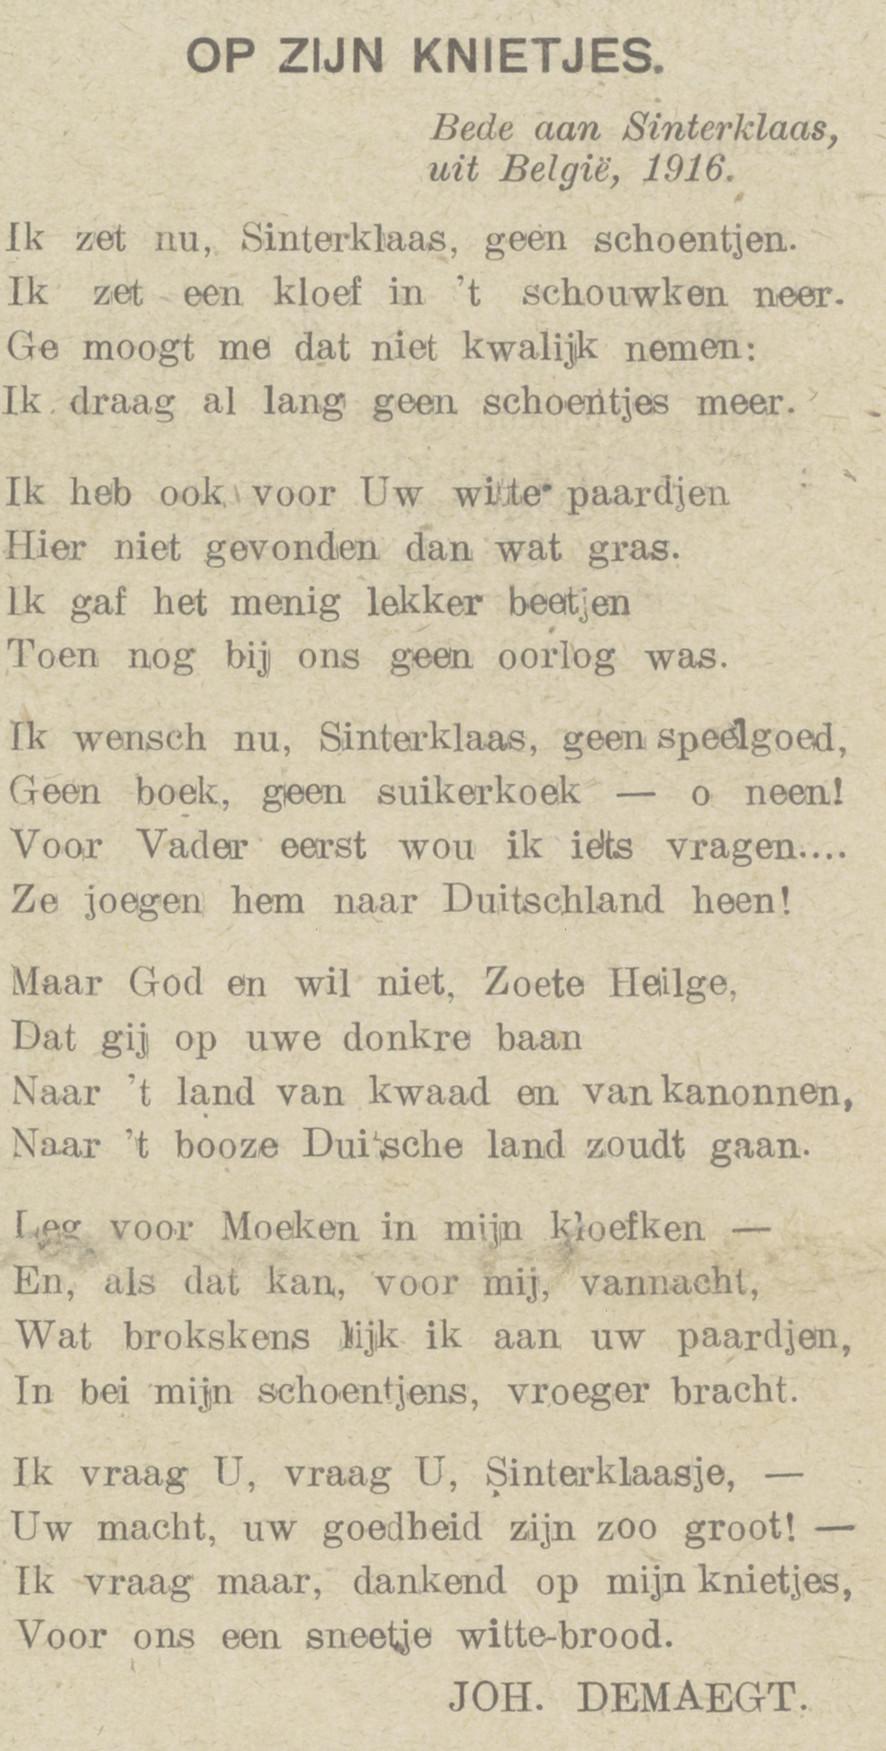 Op zijn knietjes. Bede aan Sinterklaas, uit België, 1916 - Vrij België (1/12/1916), p. 1